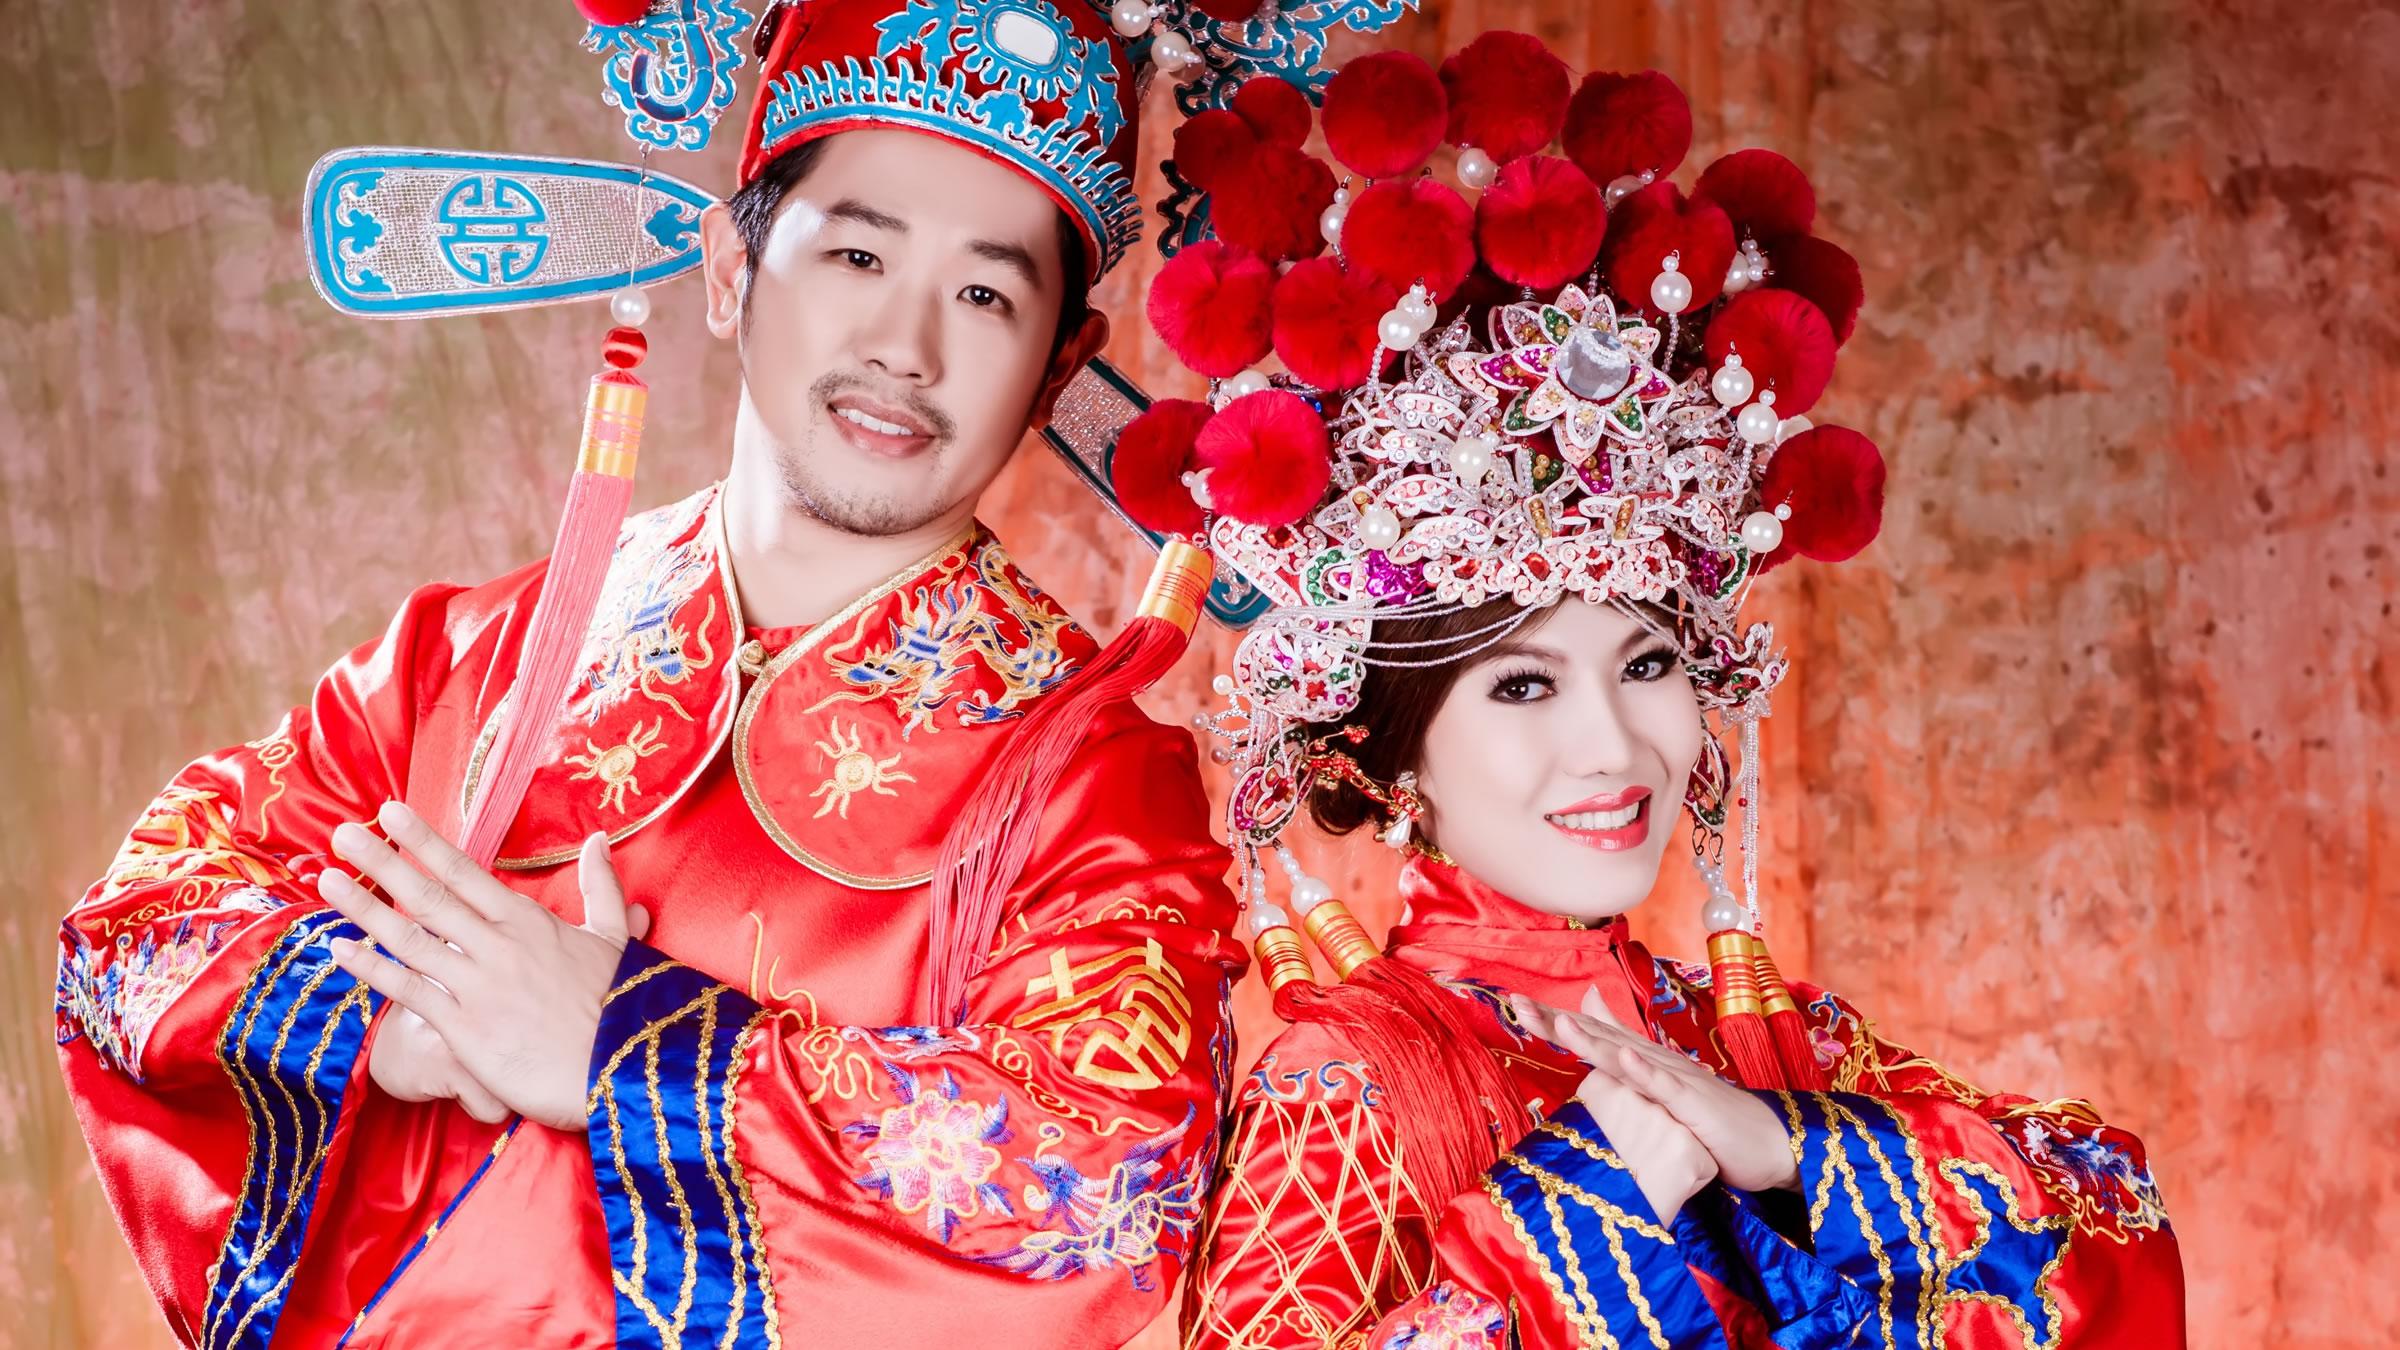 Estudio reveló que mujeres chinas no tienen un matrimonio feliz — FMDOS